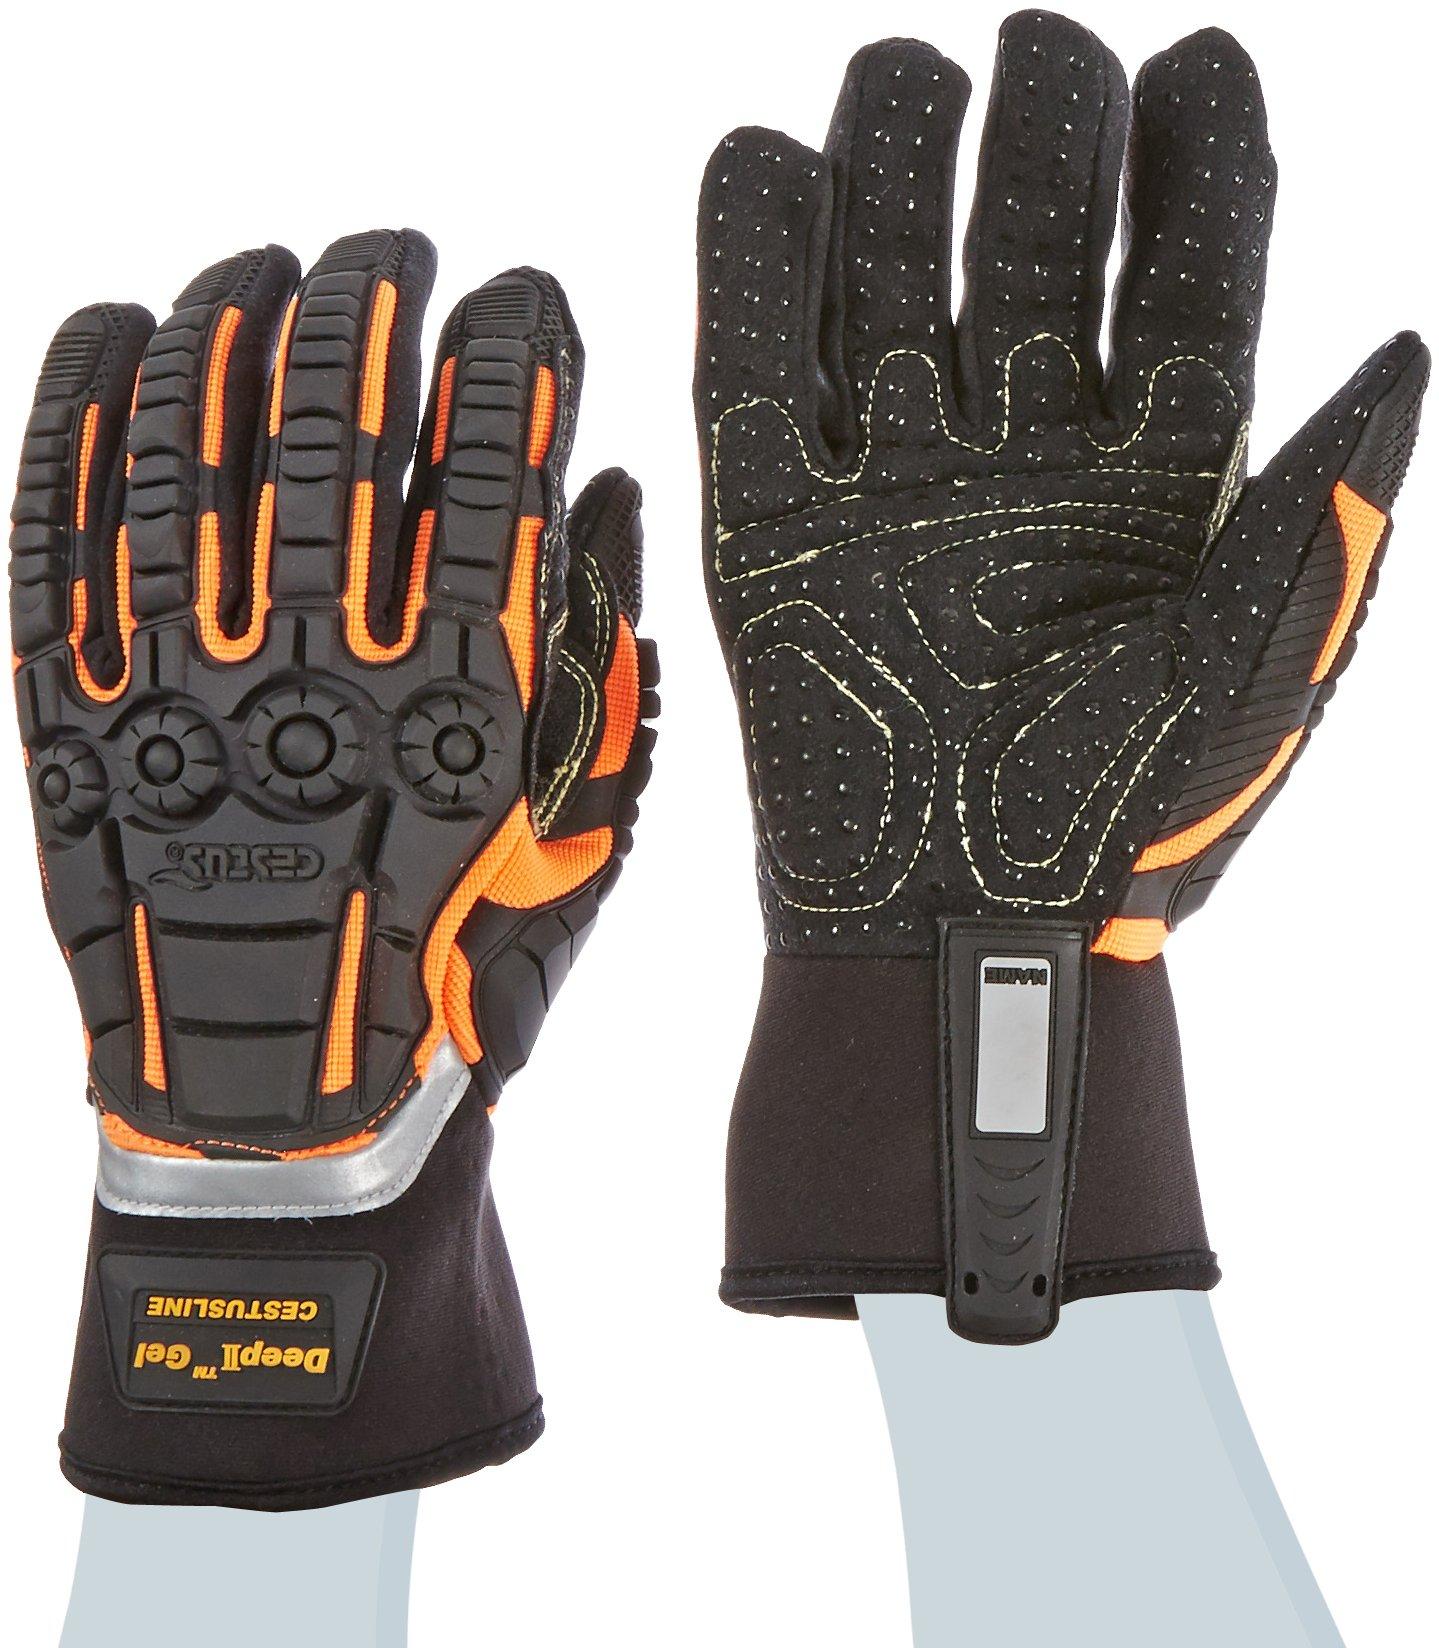 Cestus Pro Series Deep II Gel Impact Glove, Work, Cut Resistant, X-Large, Black (Pack of 1 Pair)